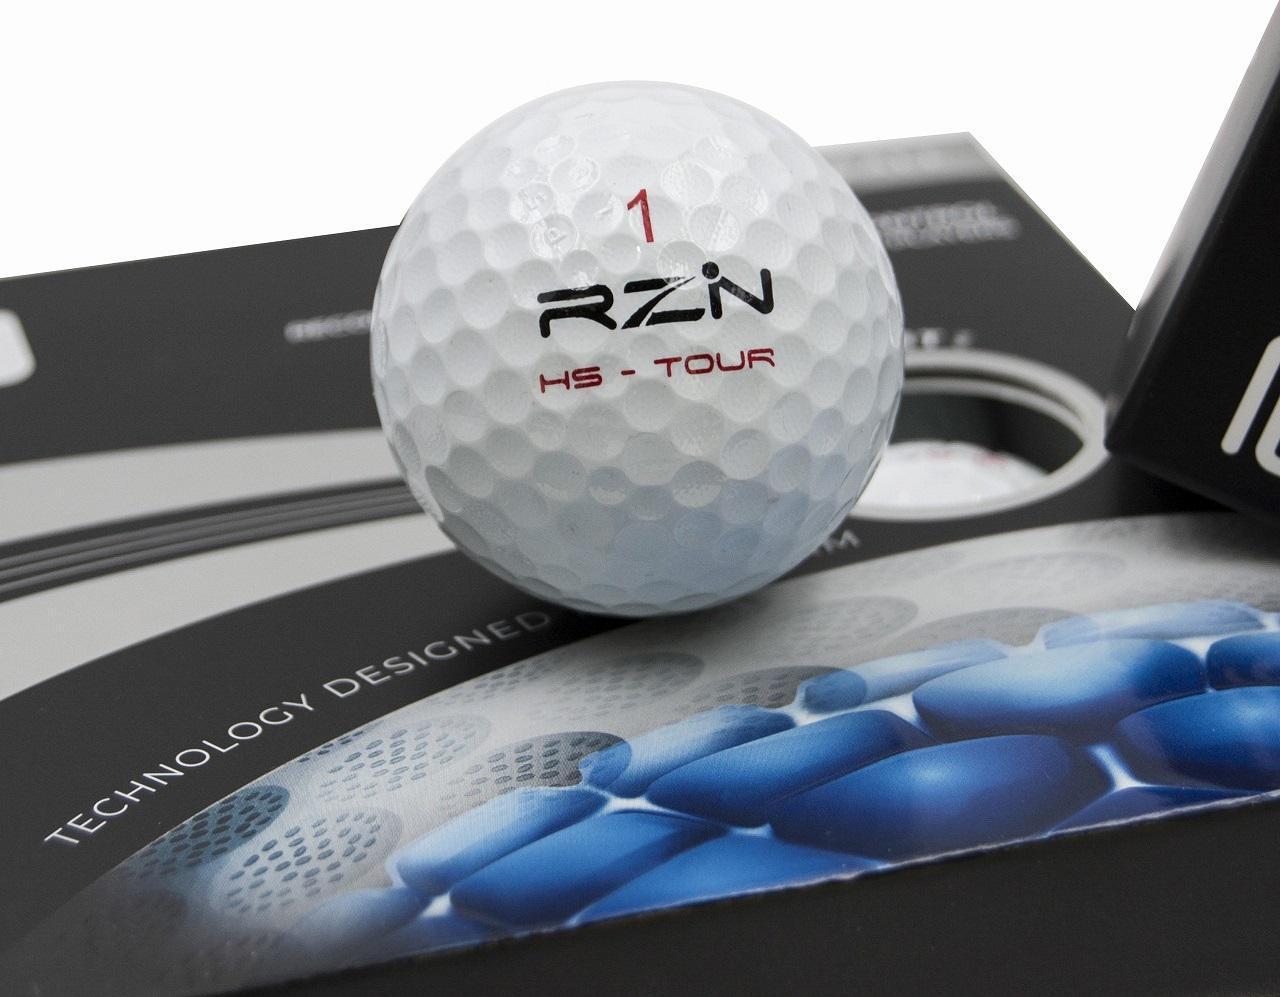 画像: レジンゴルフ「RZN-HS-TOUR」